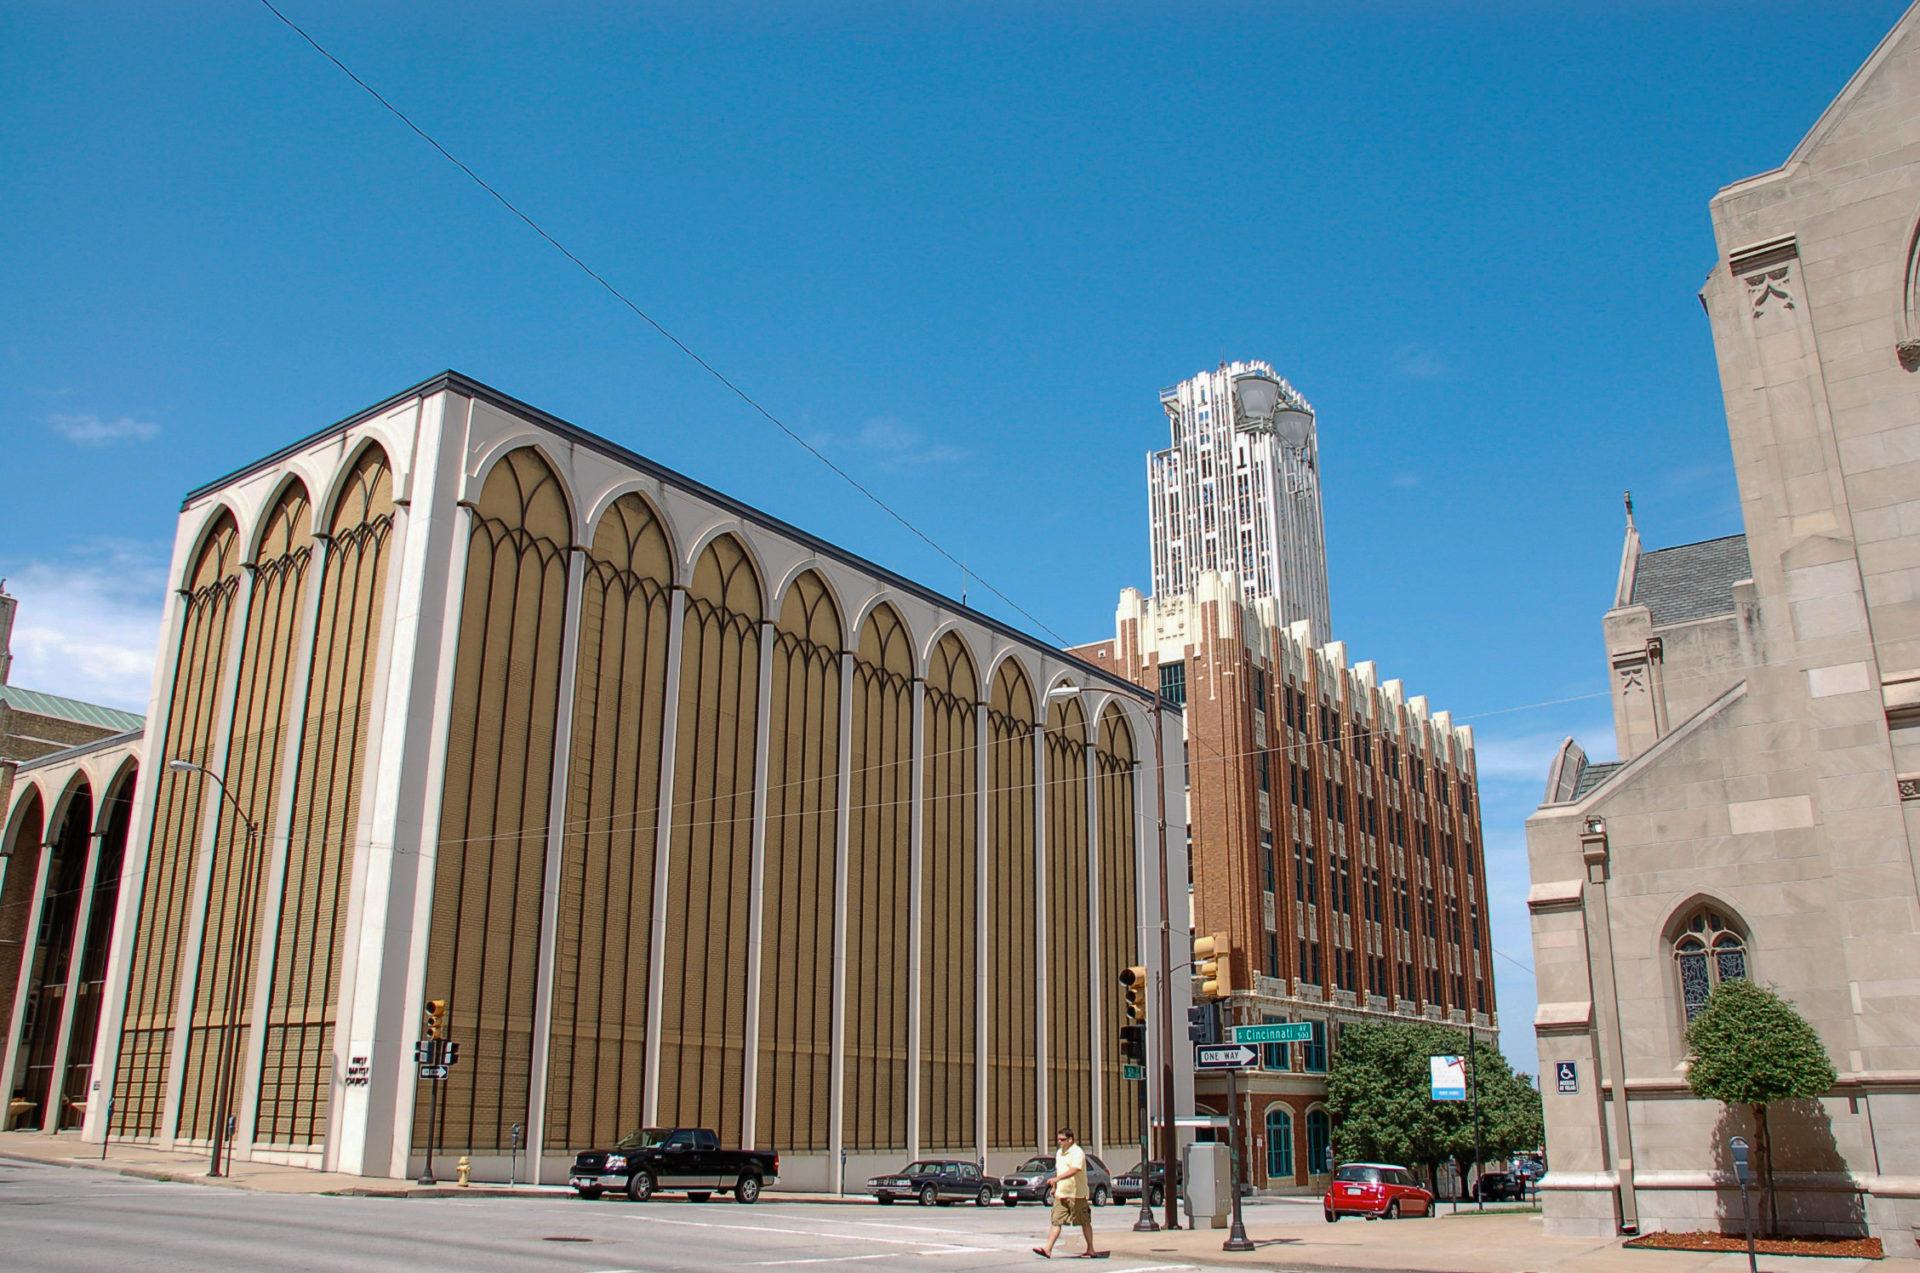 Sakralbau mit klassischen Hochbauten in der Innenstadt an der Route 66 in Tulsa